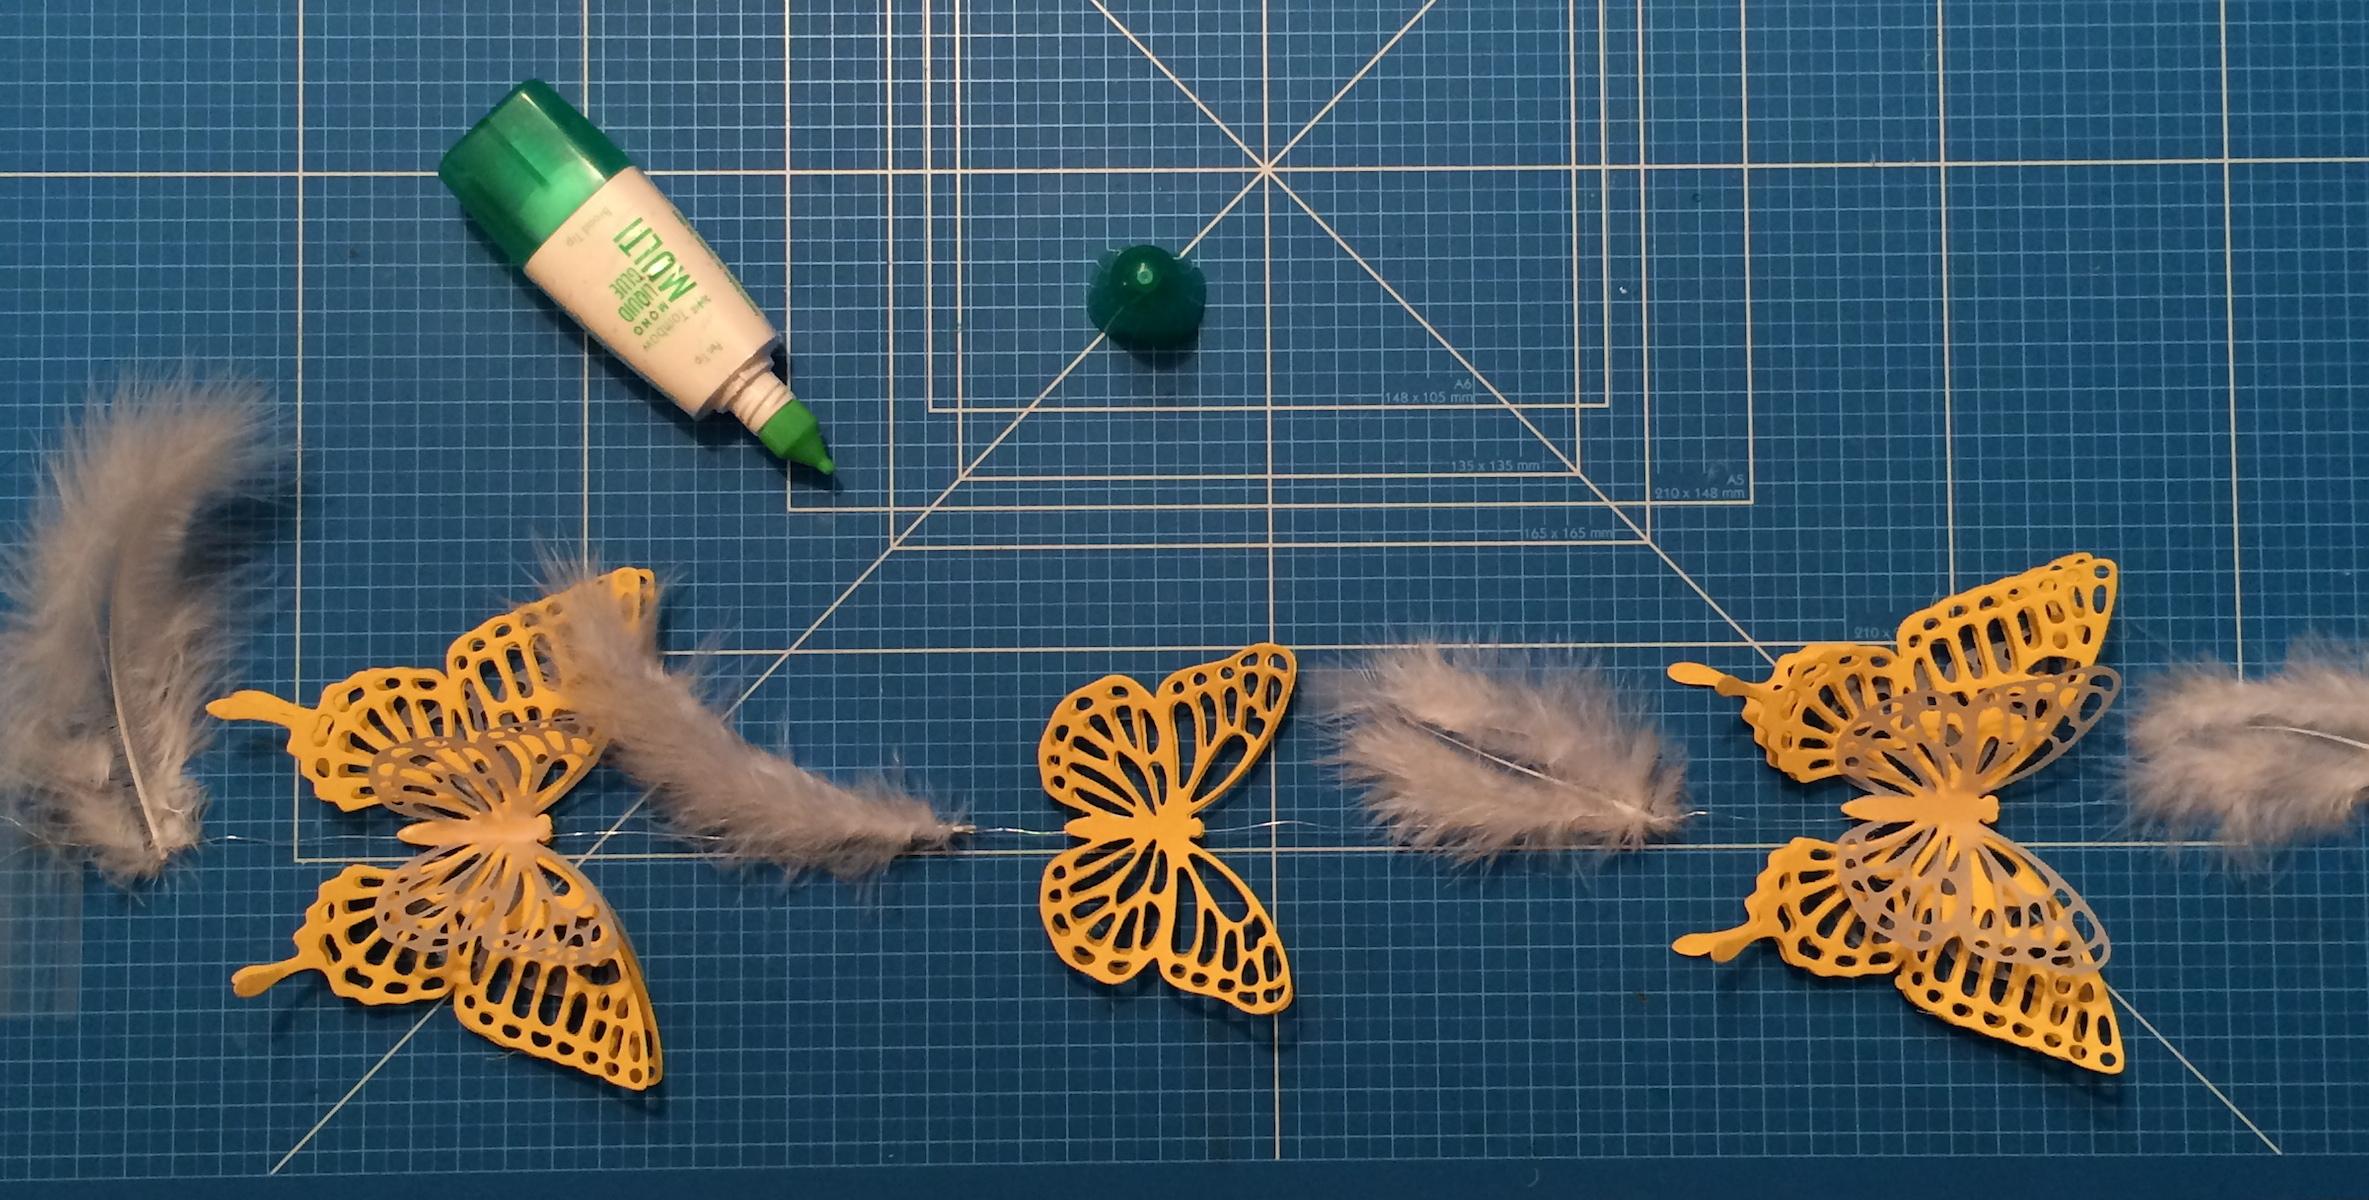 Fertige Girlande auf dem Arbeitstisch Stampin´UP!,Schmetterlings-Girlande, Butterfly Garland, Butterfly Thinlits, Thinlits Schmetterlinge